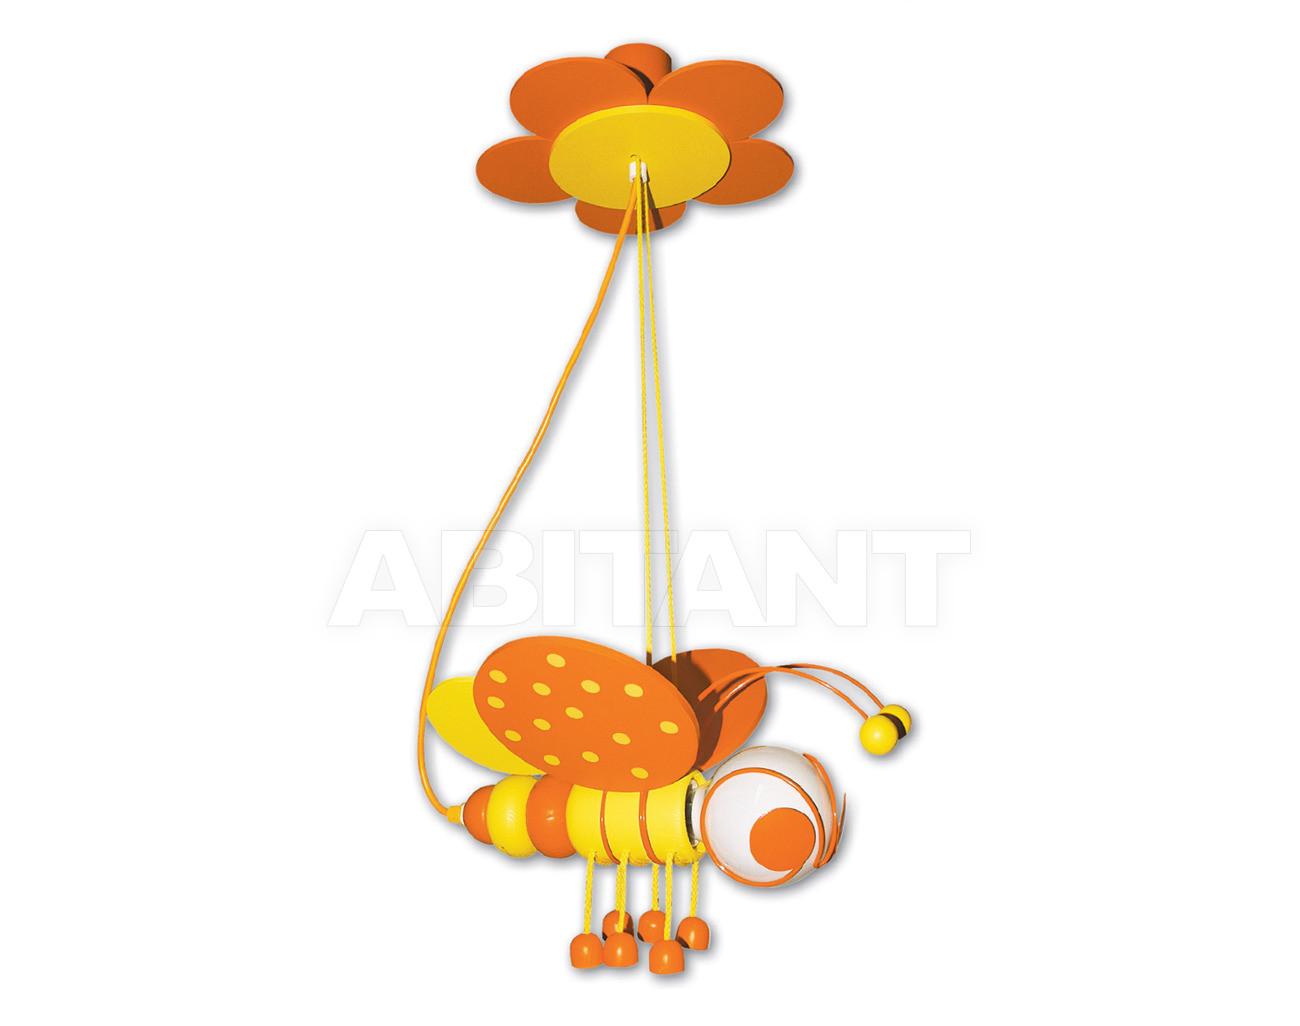 Купить Светильник для детской  Waldi Leuchten Lampen Fur Kinder 2012 90123.2 gelb/orange